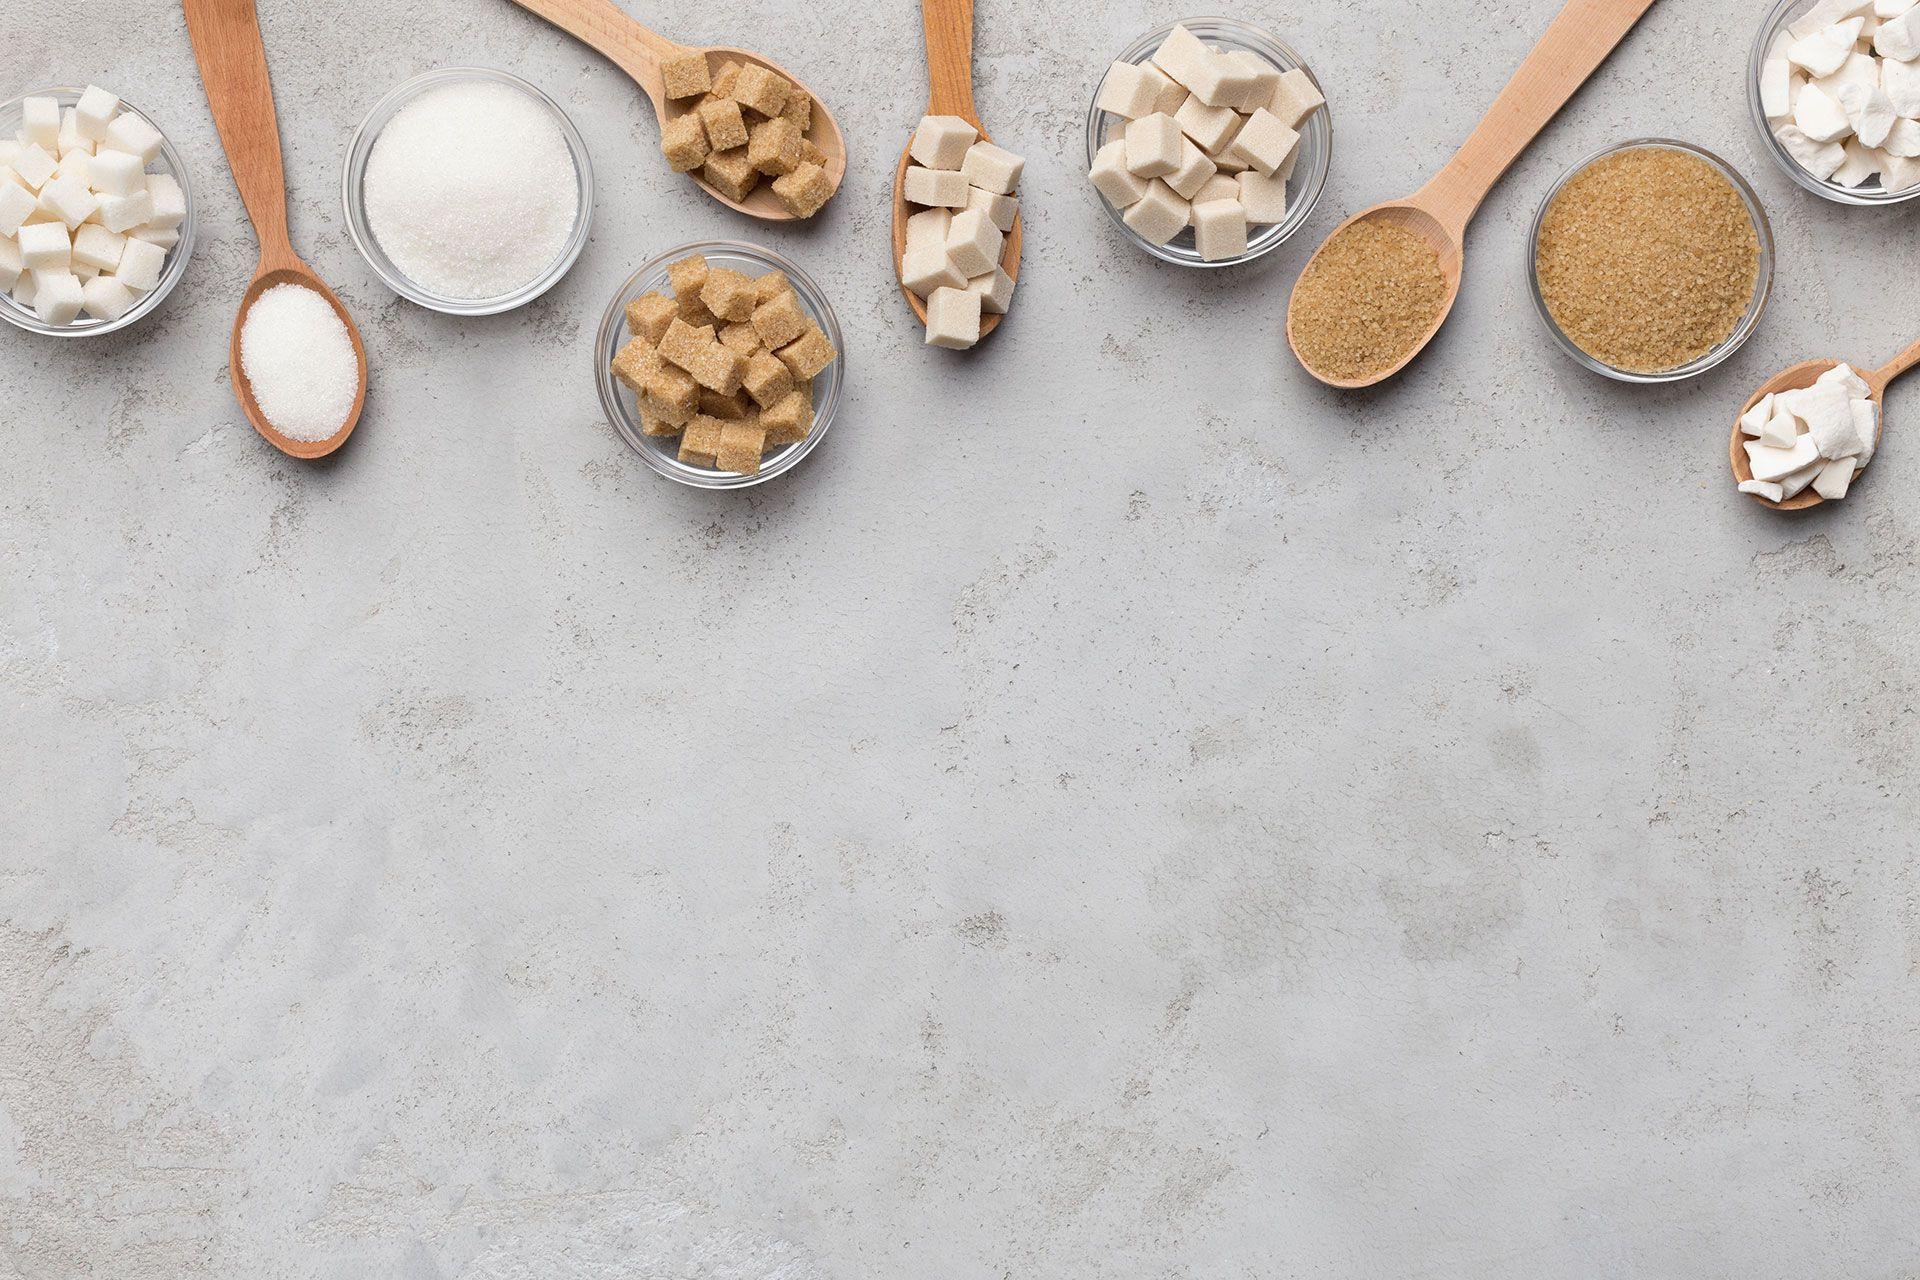 cukier a zdrowie - dlaczego nie należy rezygnować z cukru?